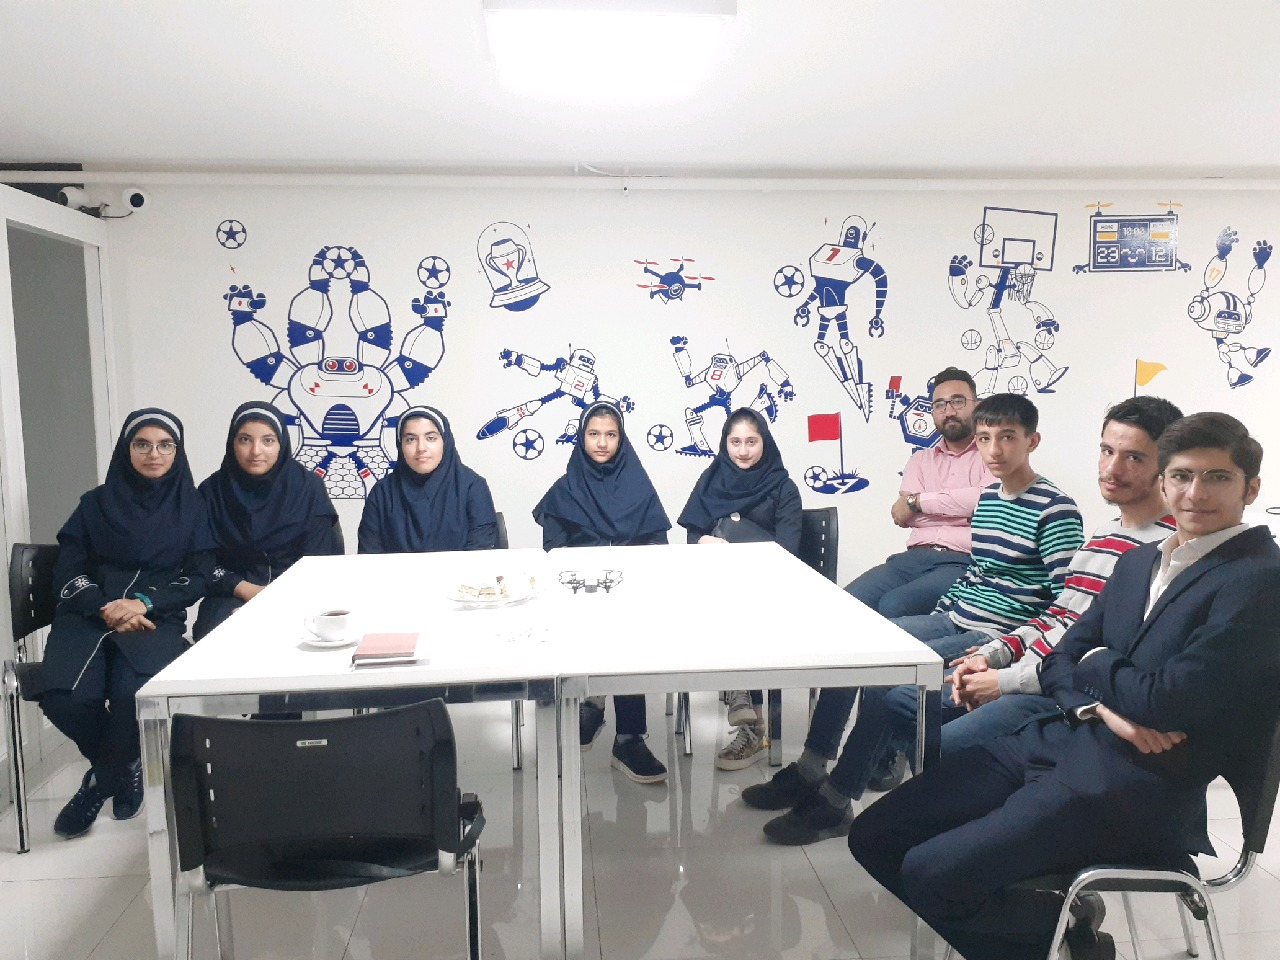 دانش آموزان قزوینی در راه مسابقات جهانی رباتیک/ نخبههای کوچک برای کسب سکوهای بزرگ تلاش میکنند